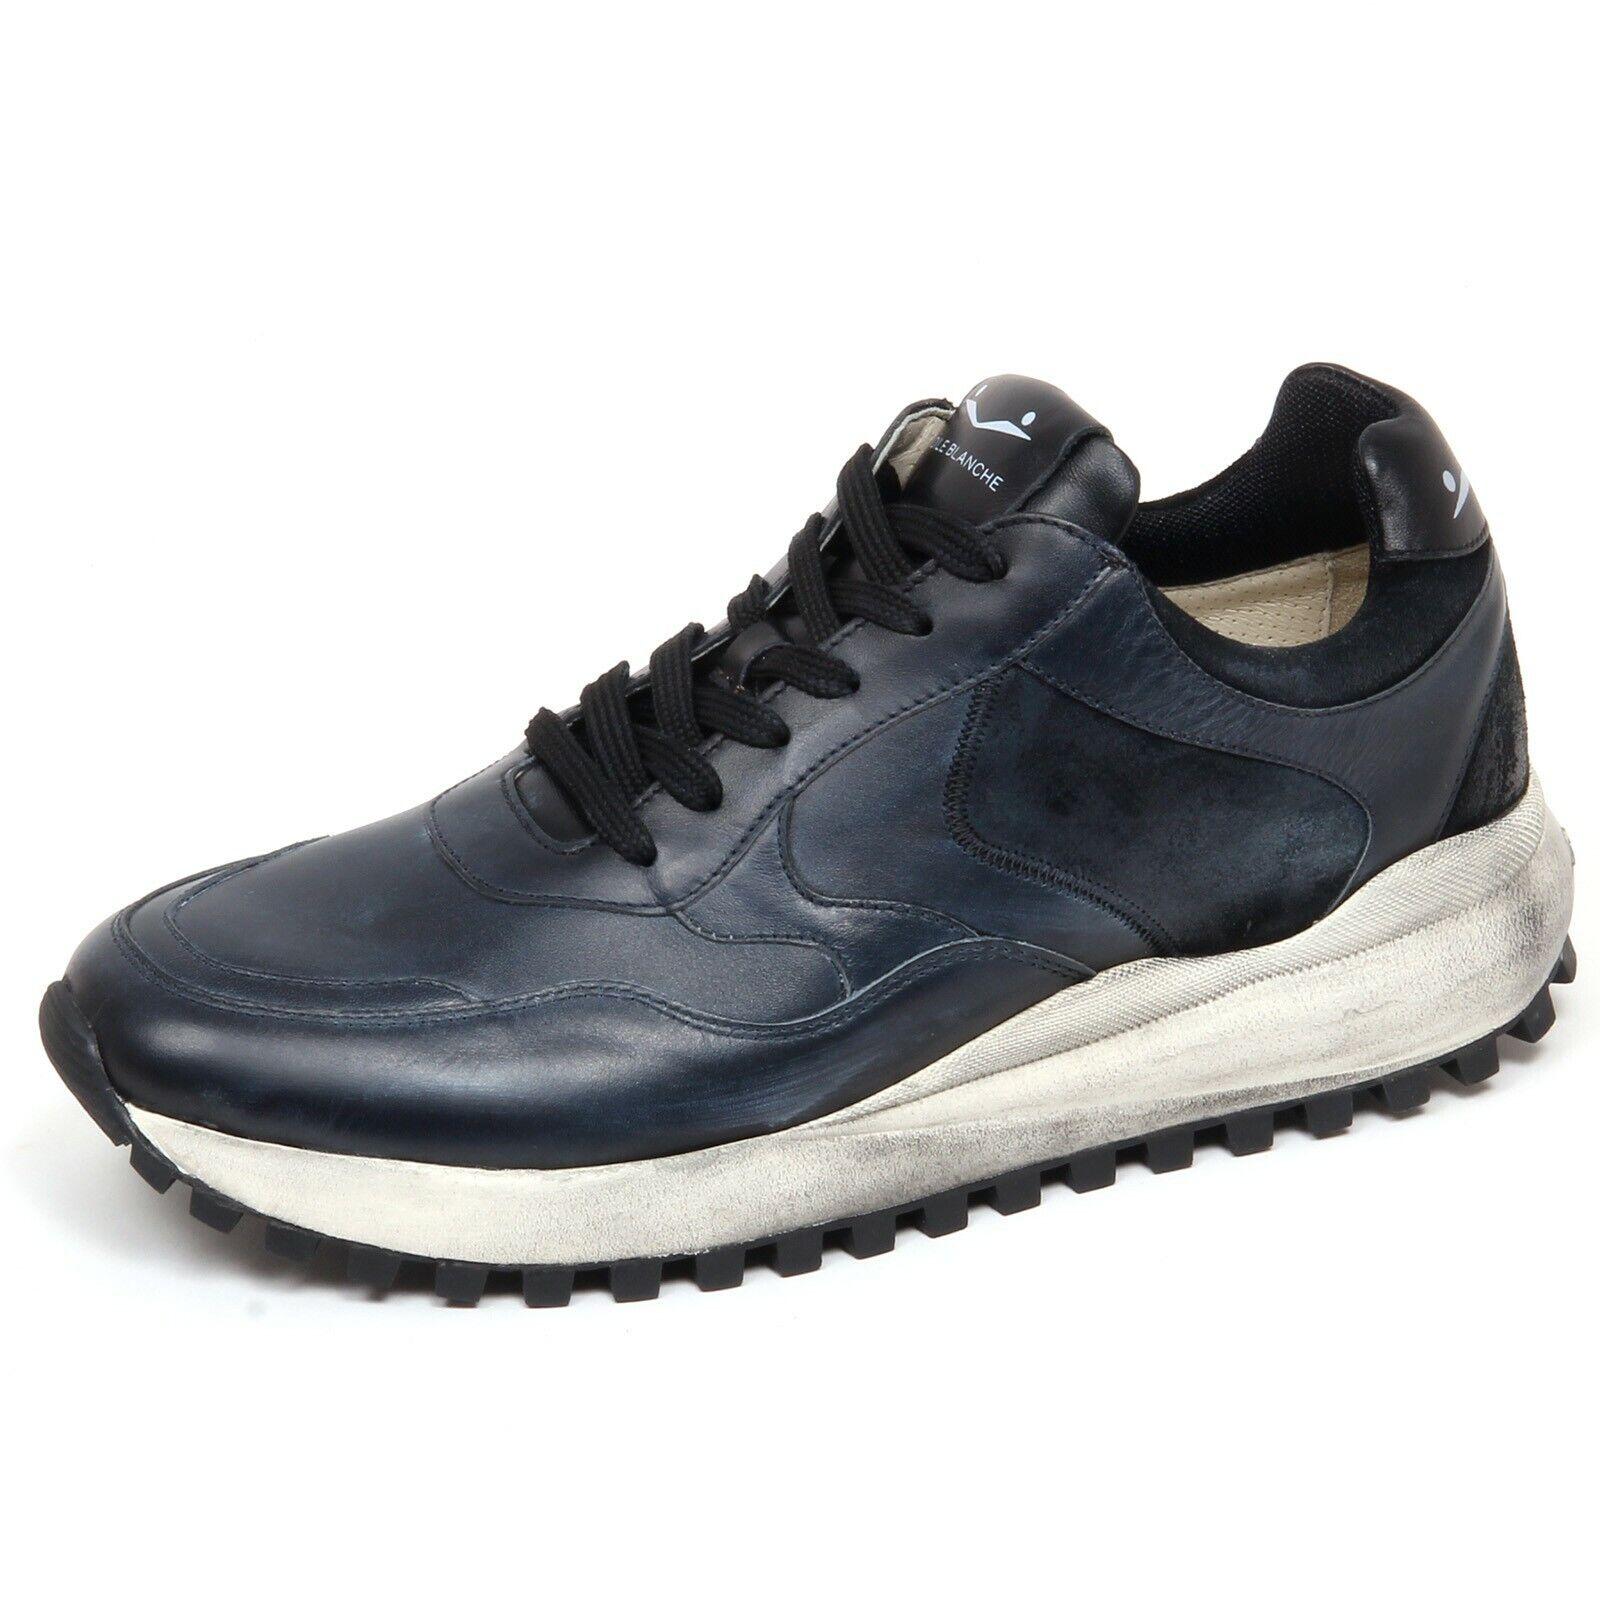 5d55e3305e F4578 zapatilla de deporte hombres VOILE blancoHE LARRY zapatos ...